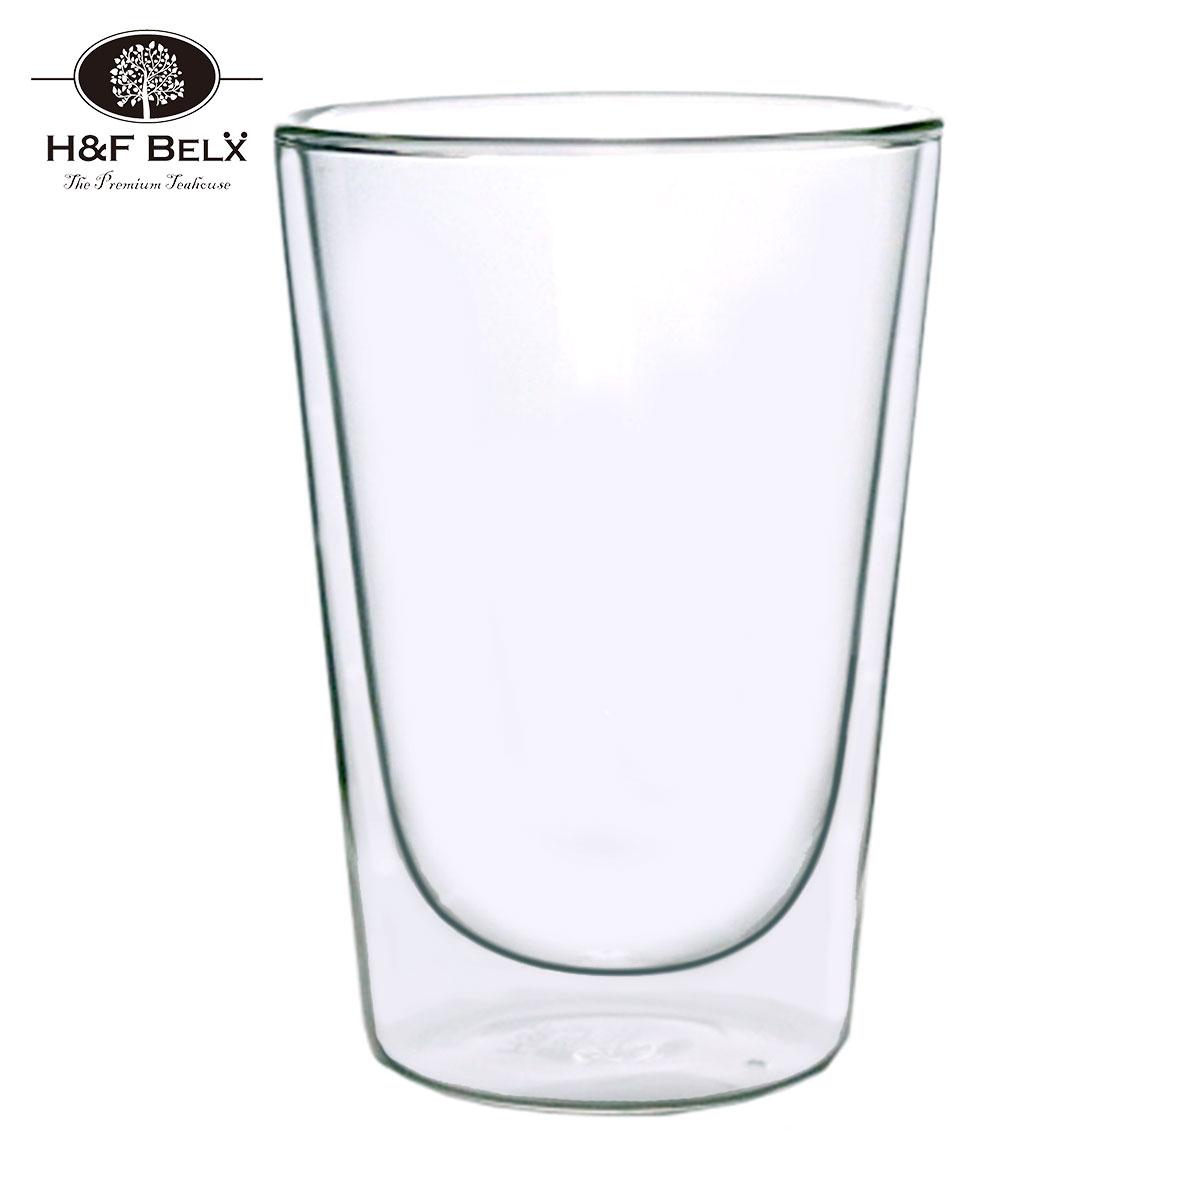 ダブルウォールグラス|耐熱ガラス2層式のダブルウォールグラス